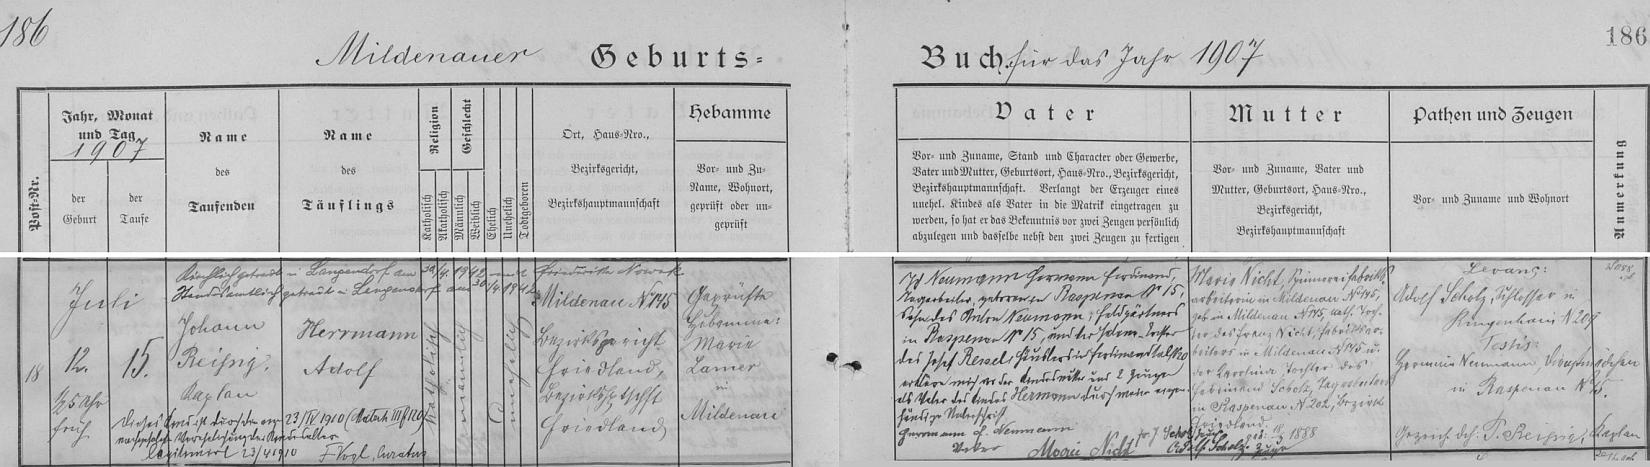 """Záznam o jeho narození v """"mildenavské"""" křestní matrice, z něhož se dovídáme, že přišel na svět jako nemanželské dítě Marie Nichtové (*18. března 1888 v Mildenavě čp. 145), dělnice přádelny v Mildenavě, katolické dcery Franze Nichta, továrního dělníka z Mildenavy čp. 145, a Karoliny, dcery Ferdinanda Scholze, nádeníka z Raspenavy čp. 202 - """"legitimizován"""" byl pak až skoro tříletý matčiným sňatkem 23. dubna roku 1910 s Hermannem Ferdinandem Neumannem (*25. března 1885 v Raspenavě čp. 15), nádeníkem z Raspenavy čp. 15 (synem Antona Neumanna, zahradníka /Feldgärtner/ z Raspenavy čp. 15, a Helene, dcery Josefa Ressela, chalupníka ve Ferdinandově /Ferdinandstal/ čp. 20), který se tu v křestní matrice za otce na vlastnoručním přípise prohlašuje před matkou dítěte a dvěma svědky"""